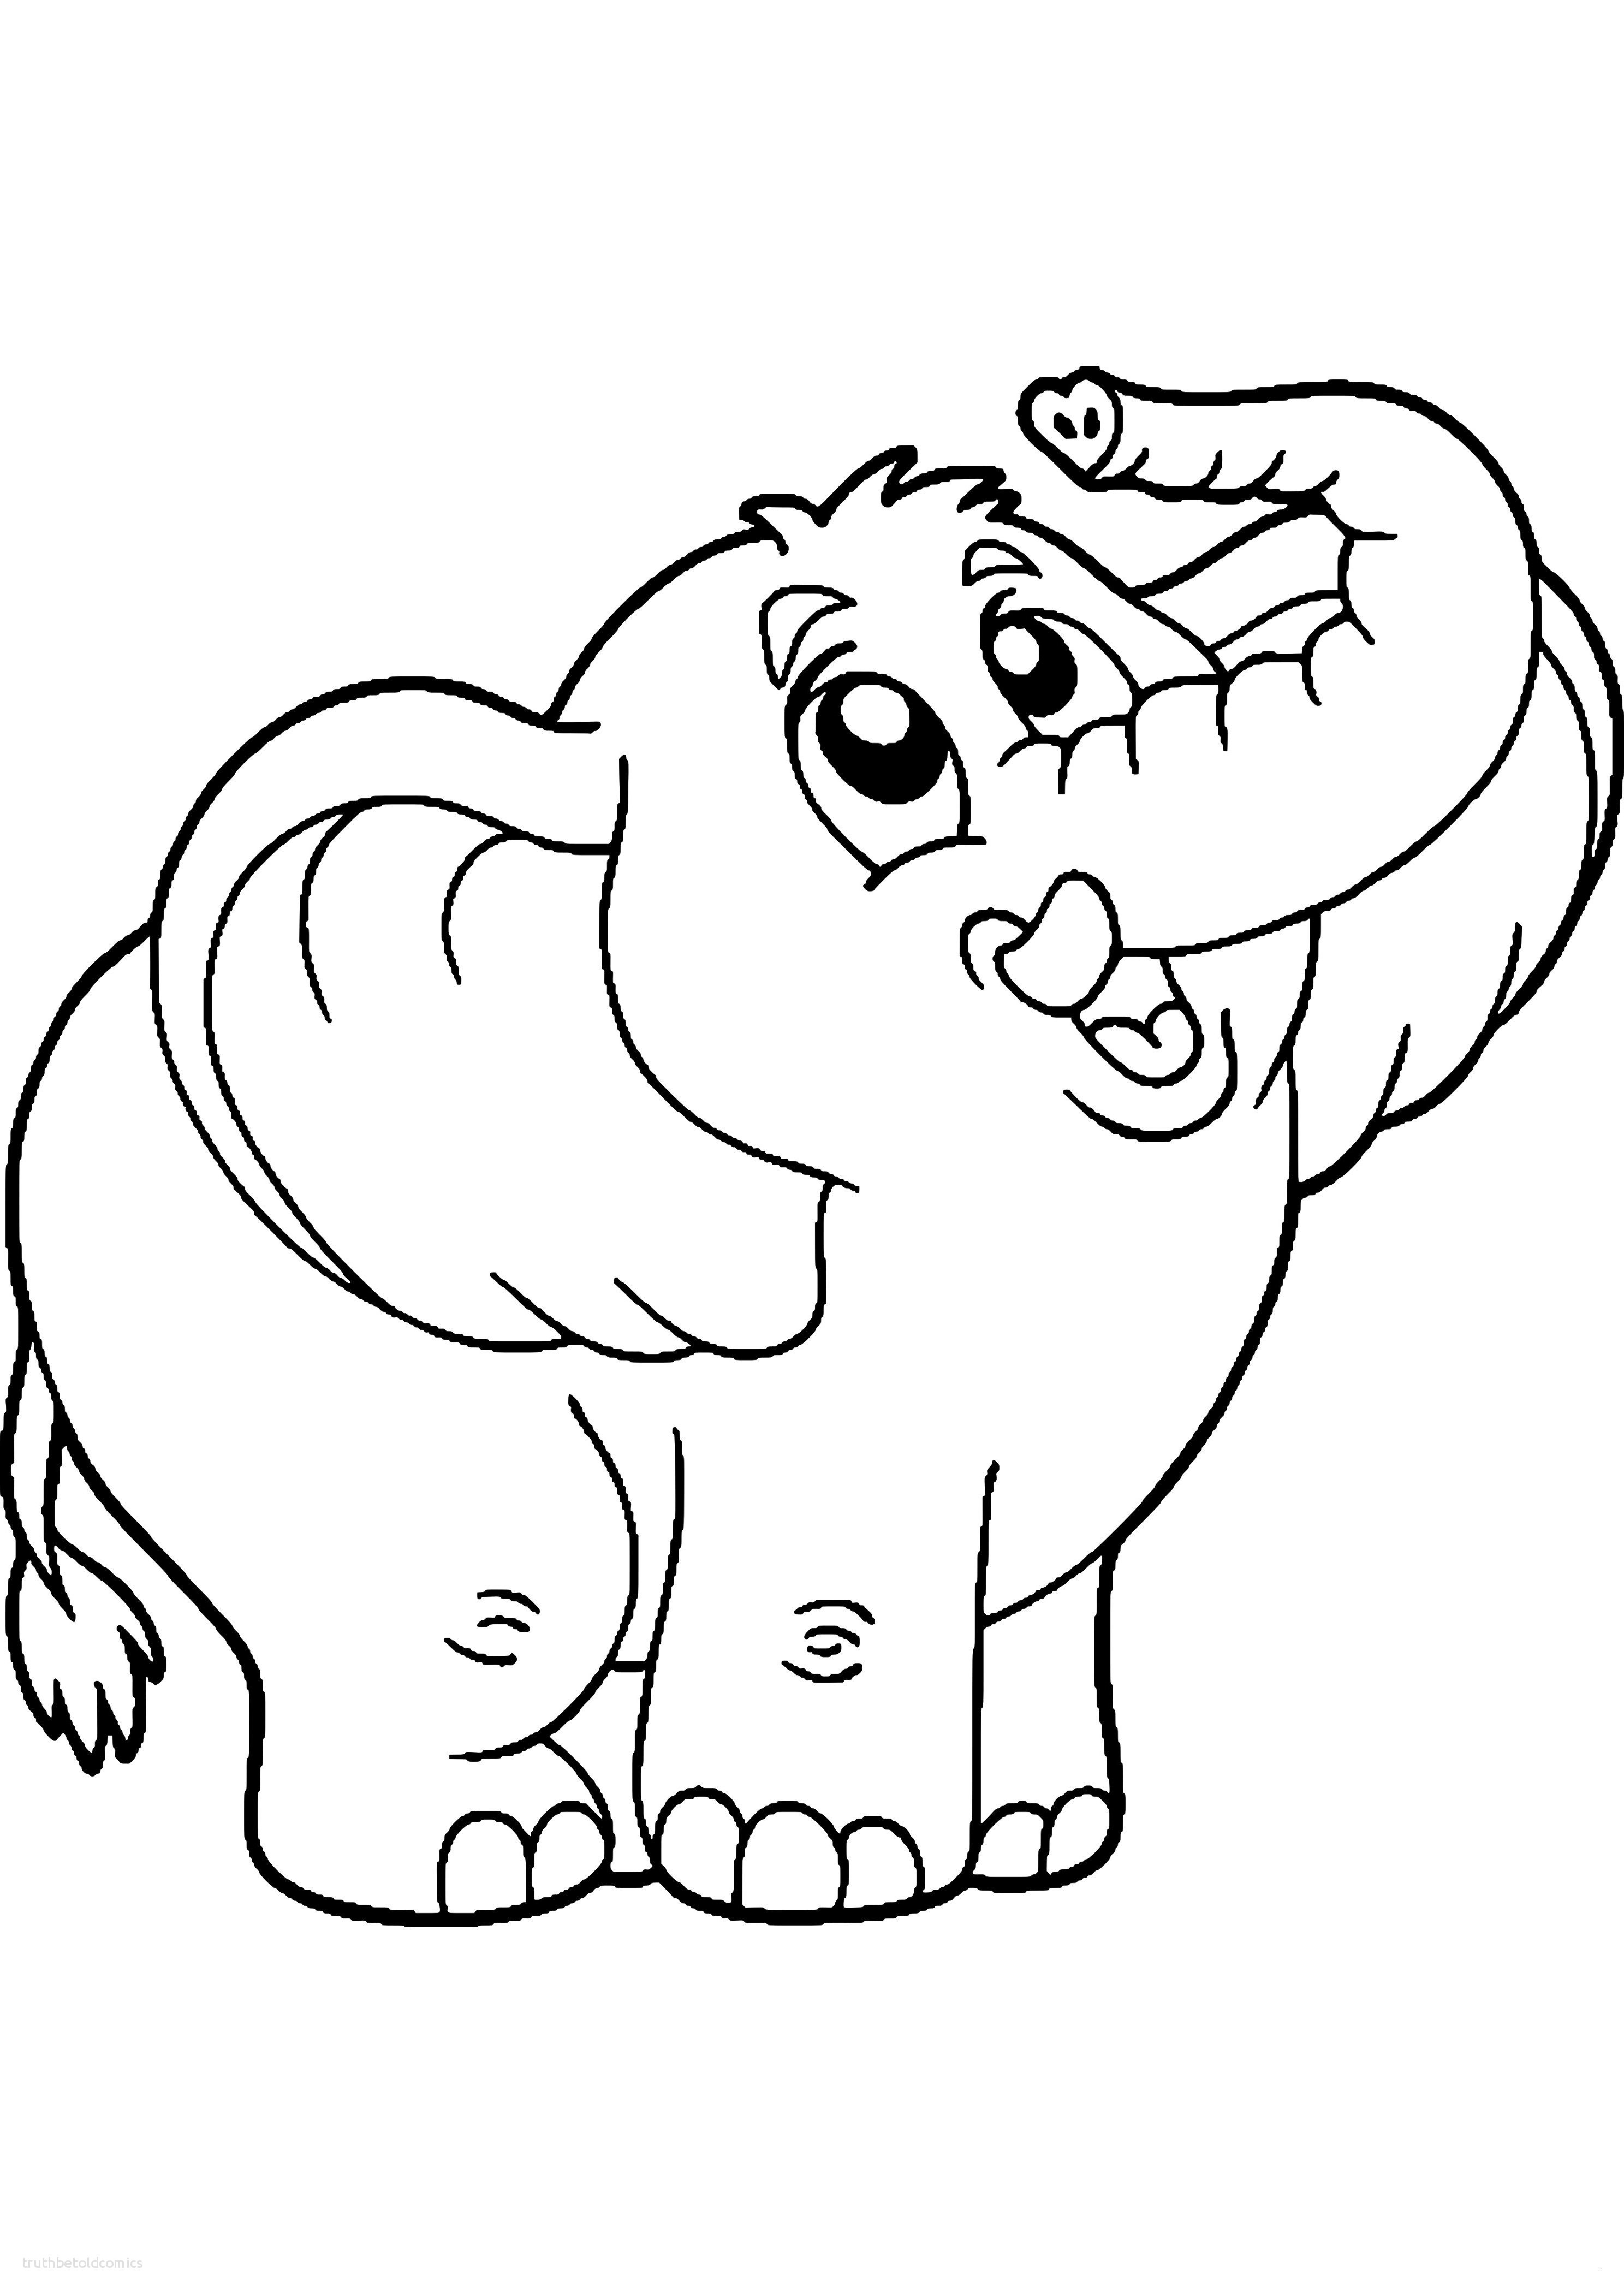 Maus Und Elefant Ausmalbilder Genial 42 Schön Ausmalbilder Elefant Und Maus Truthbetold Ics Das Bild